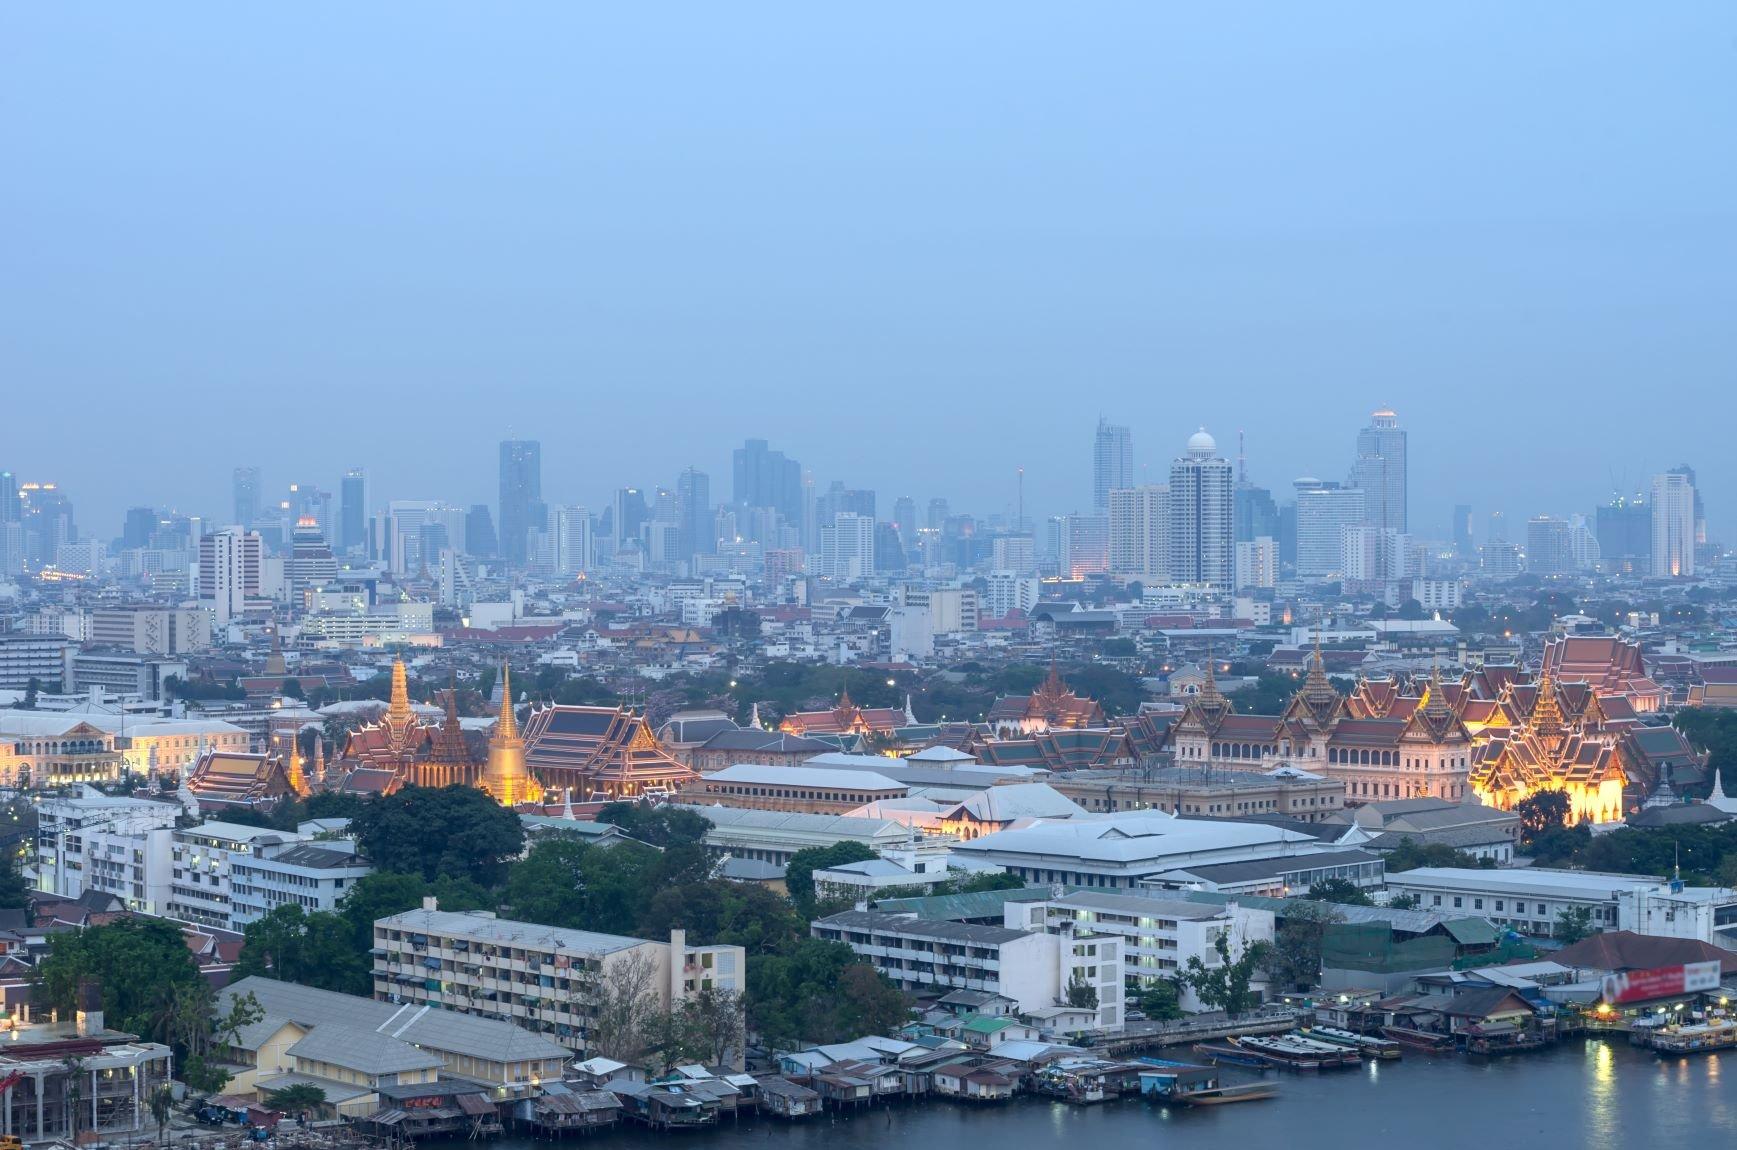 คนละไม้ละมืองดก่อมลภาวะทางอากาศ  thaihealth